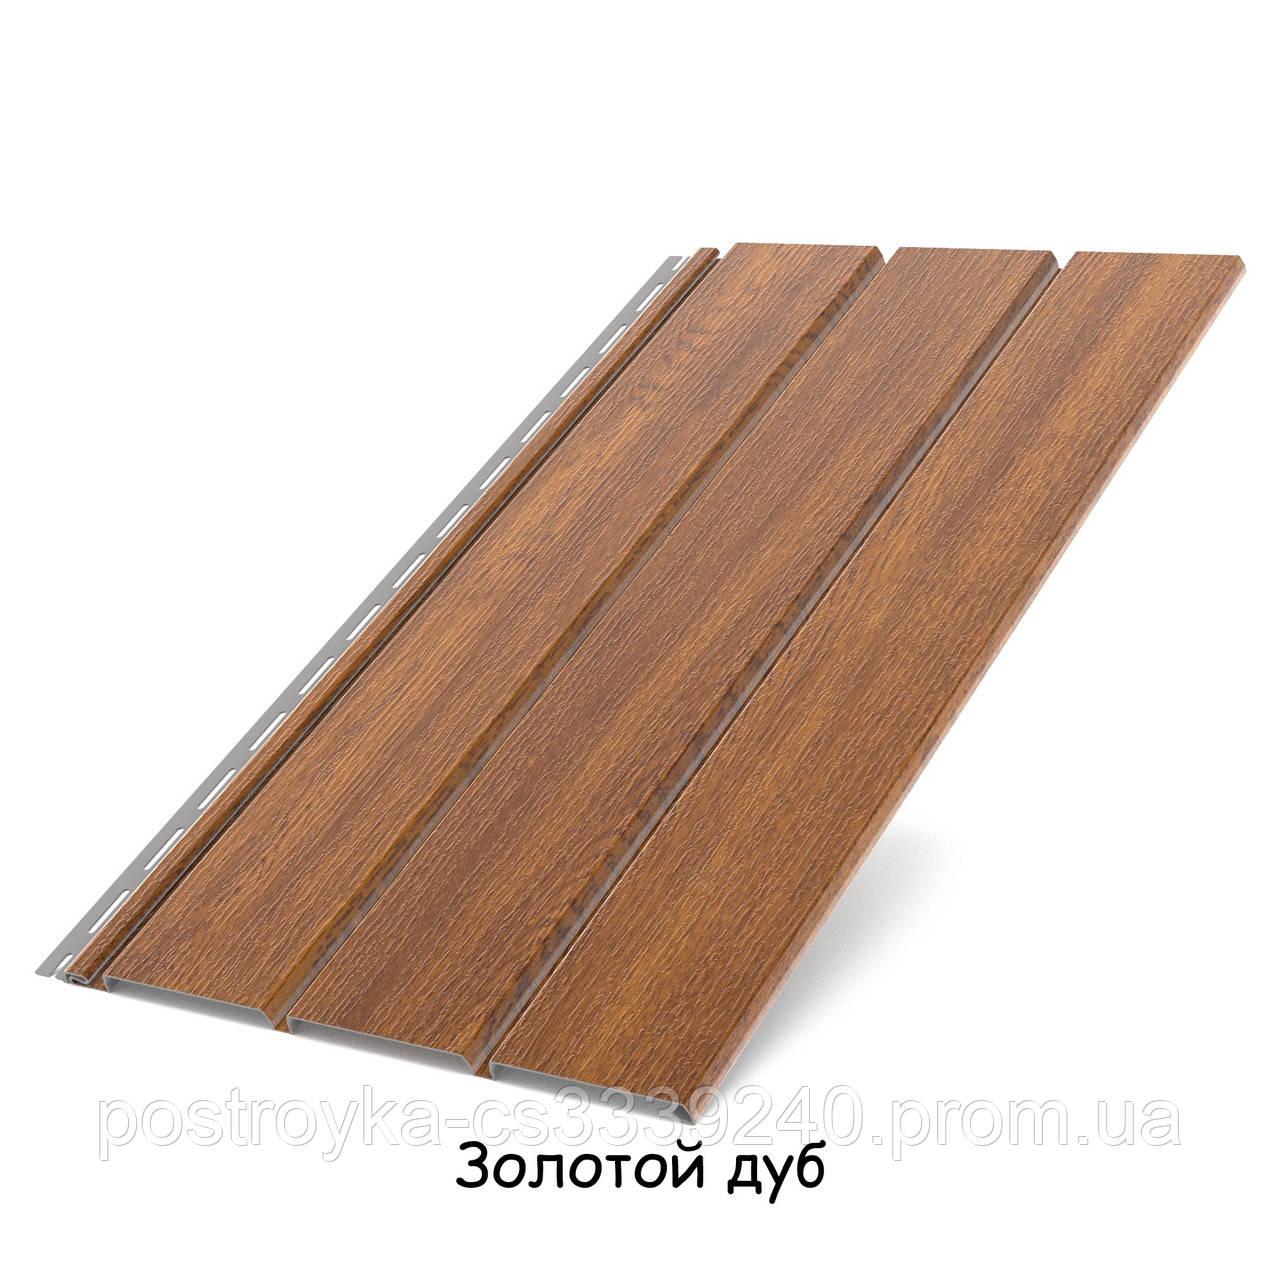 Панель софит пластиковый Bryza/Бриза 1.22 кв.м (4x0,31) Золотой дуб